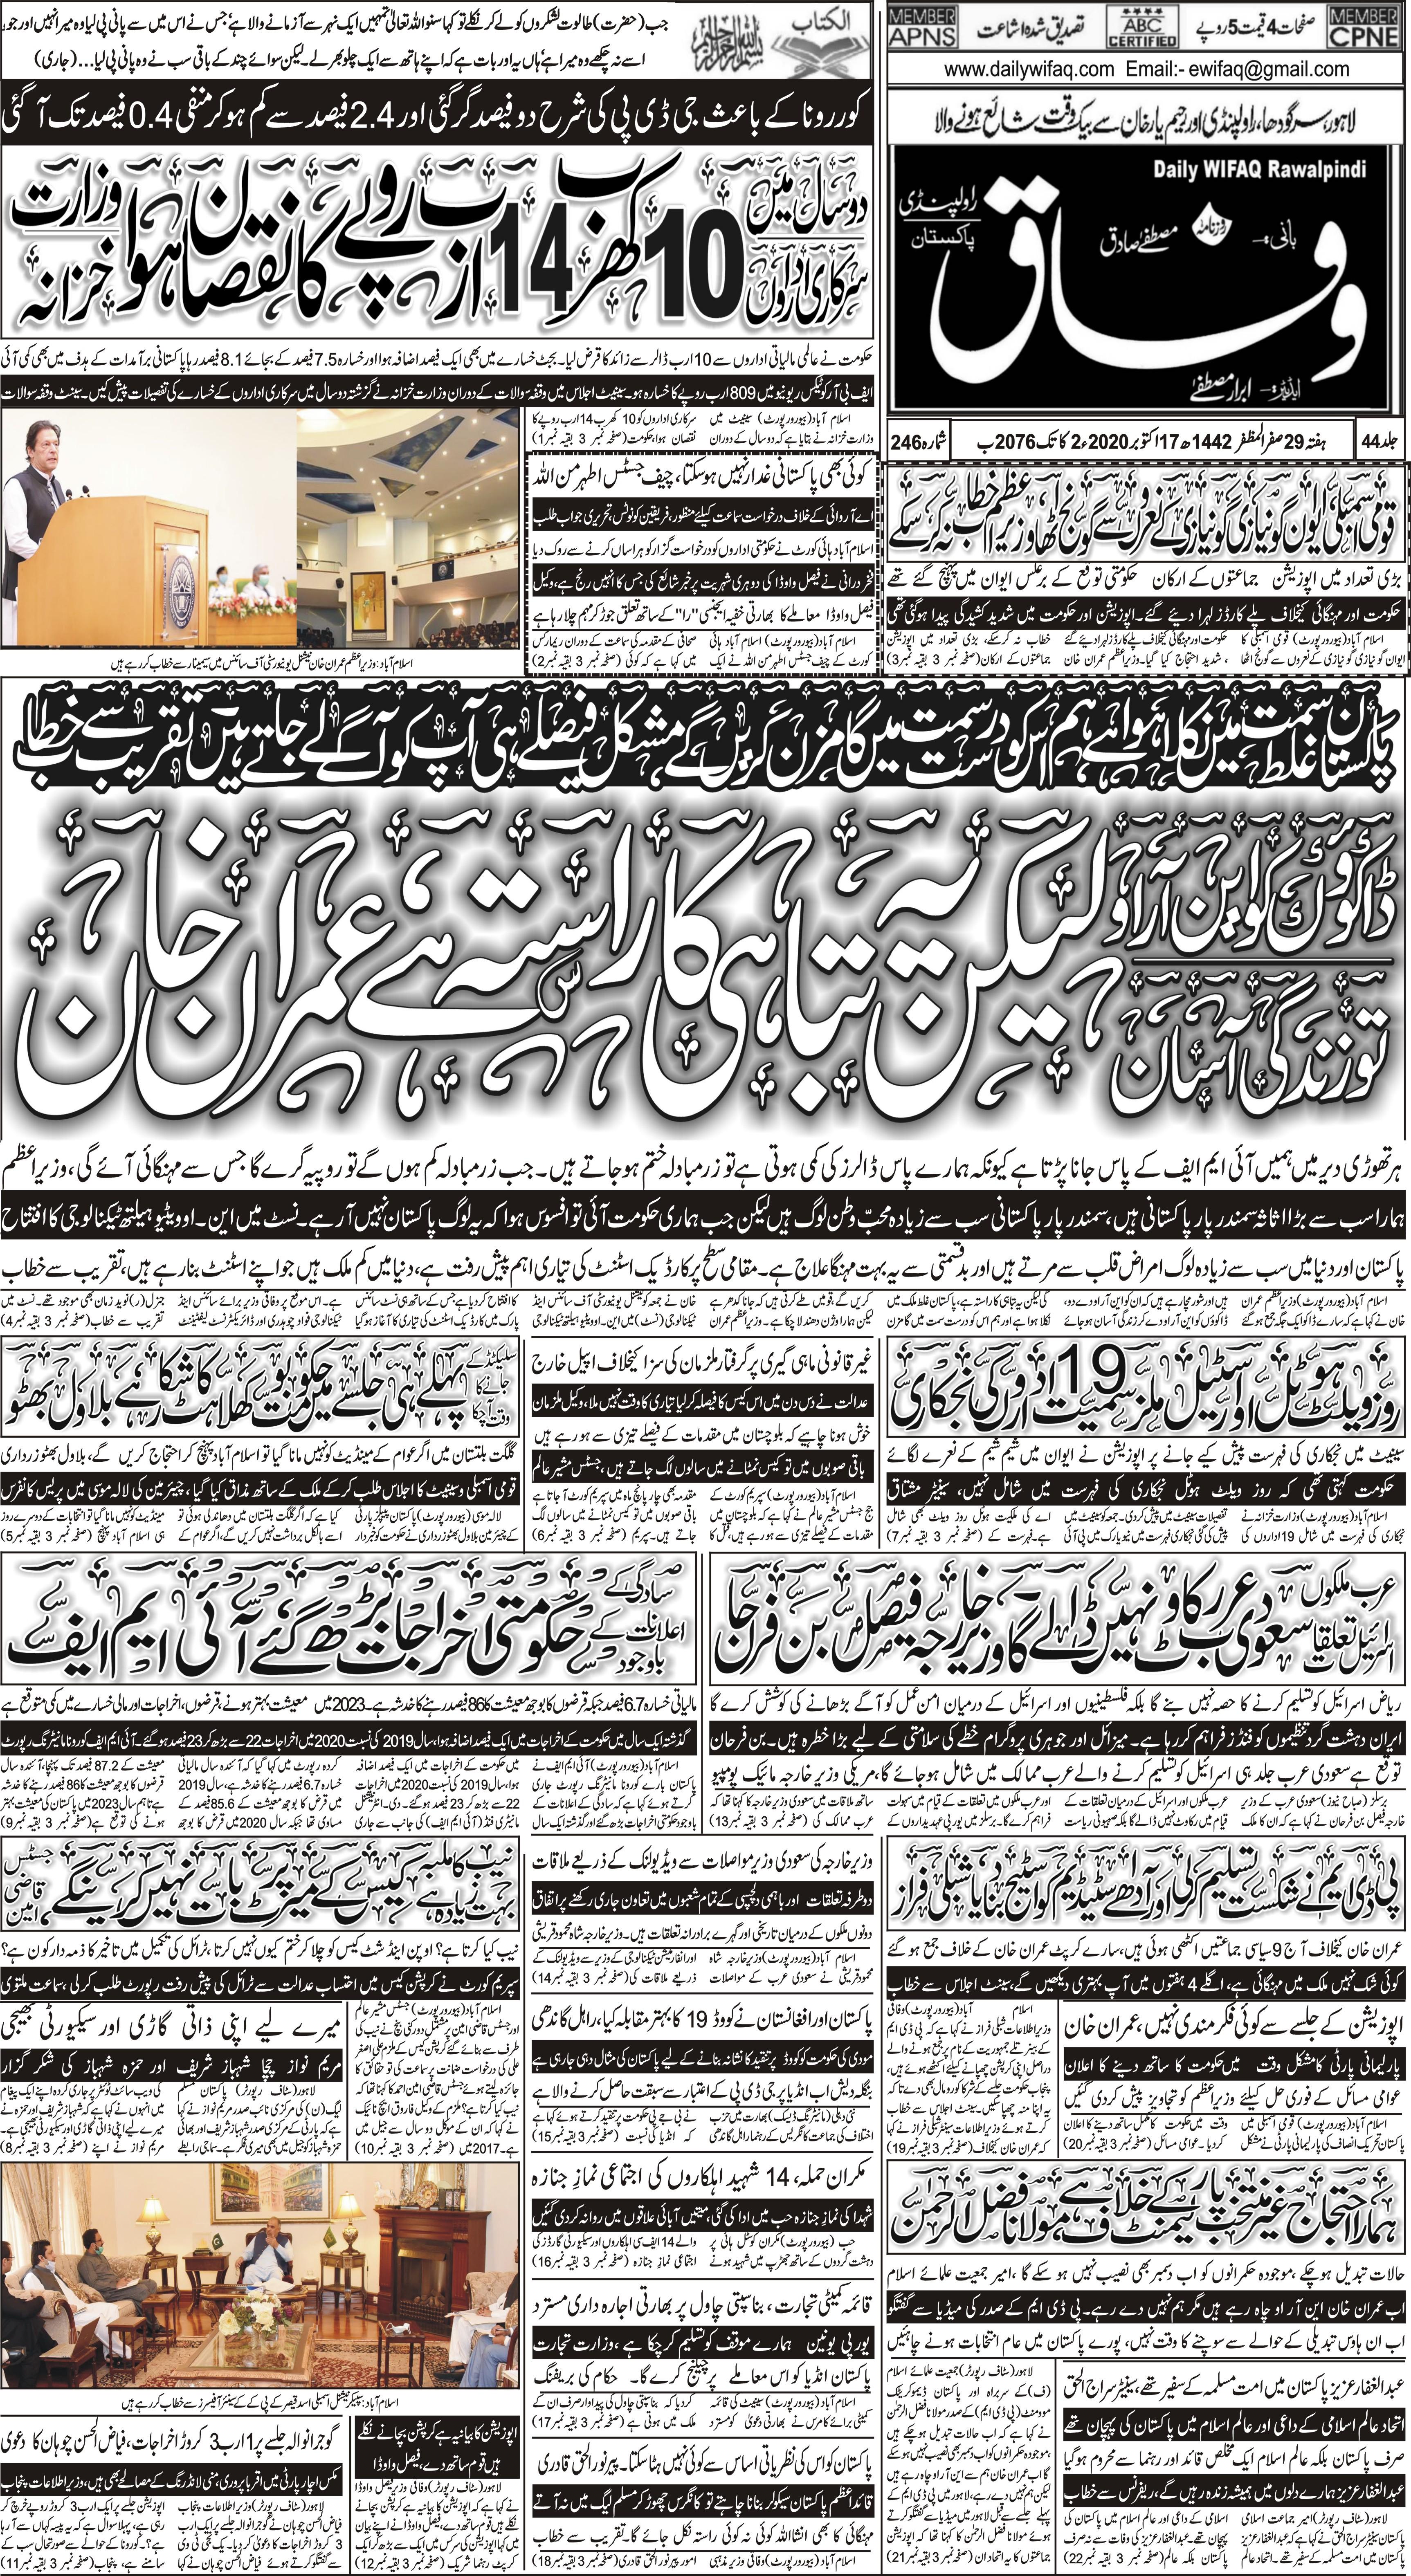 e-Paper – Daily Wifaq – Rawalpindi – 17-10-2020